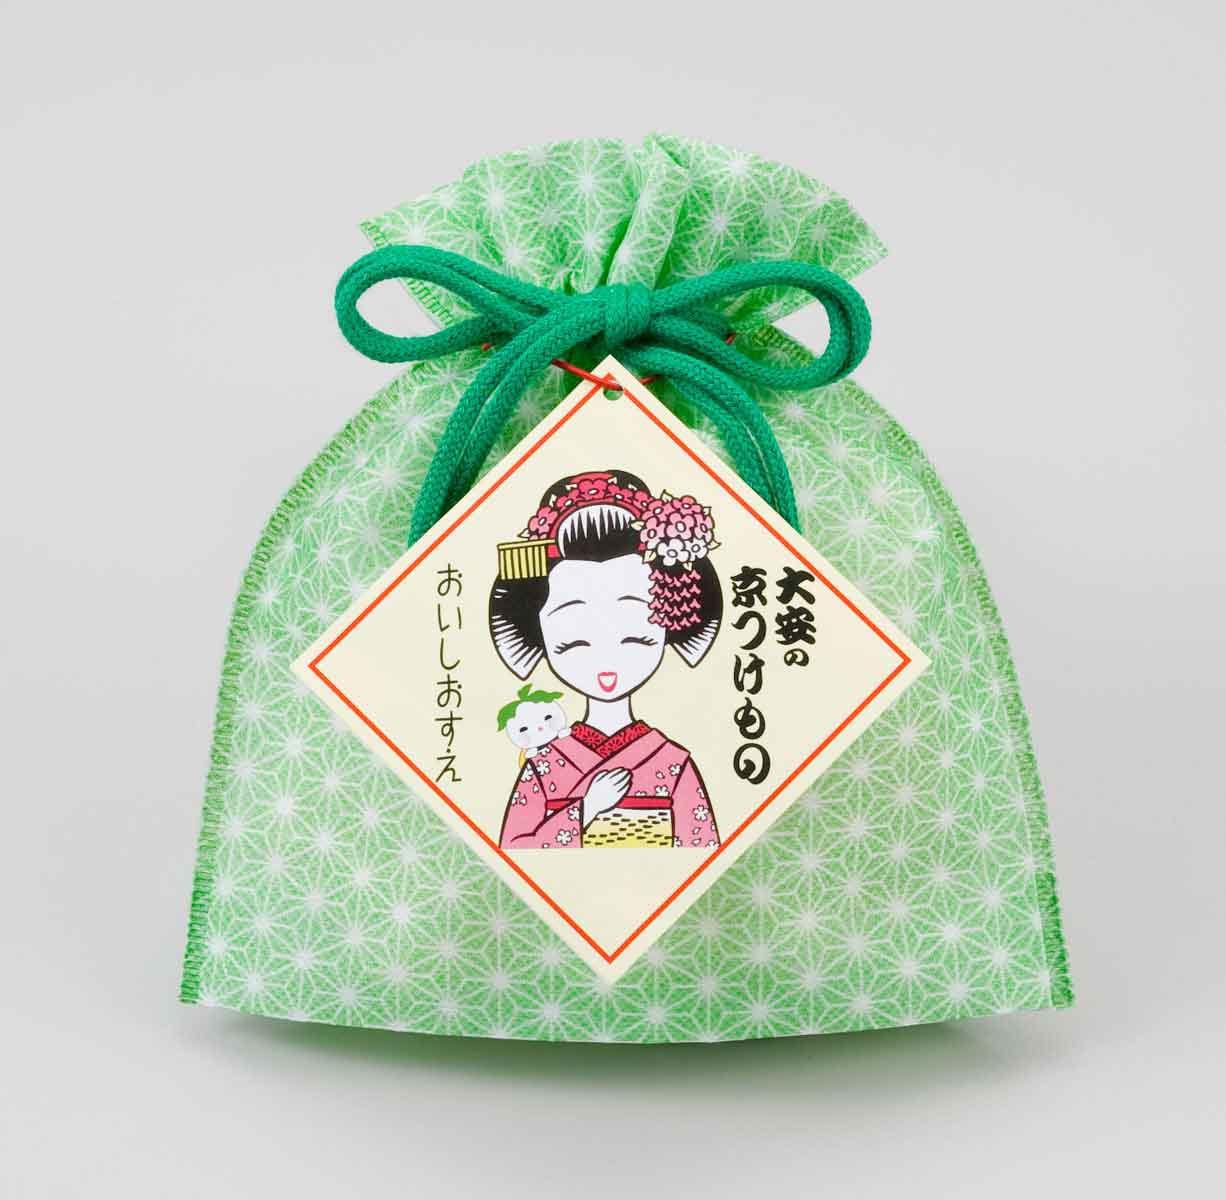 京つけものおみやげ袋 M-6 3袋入 緑